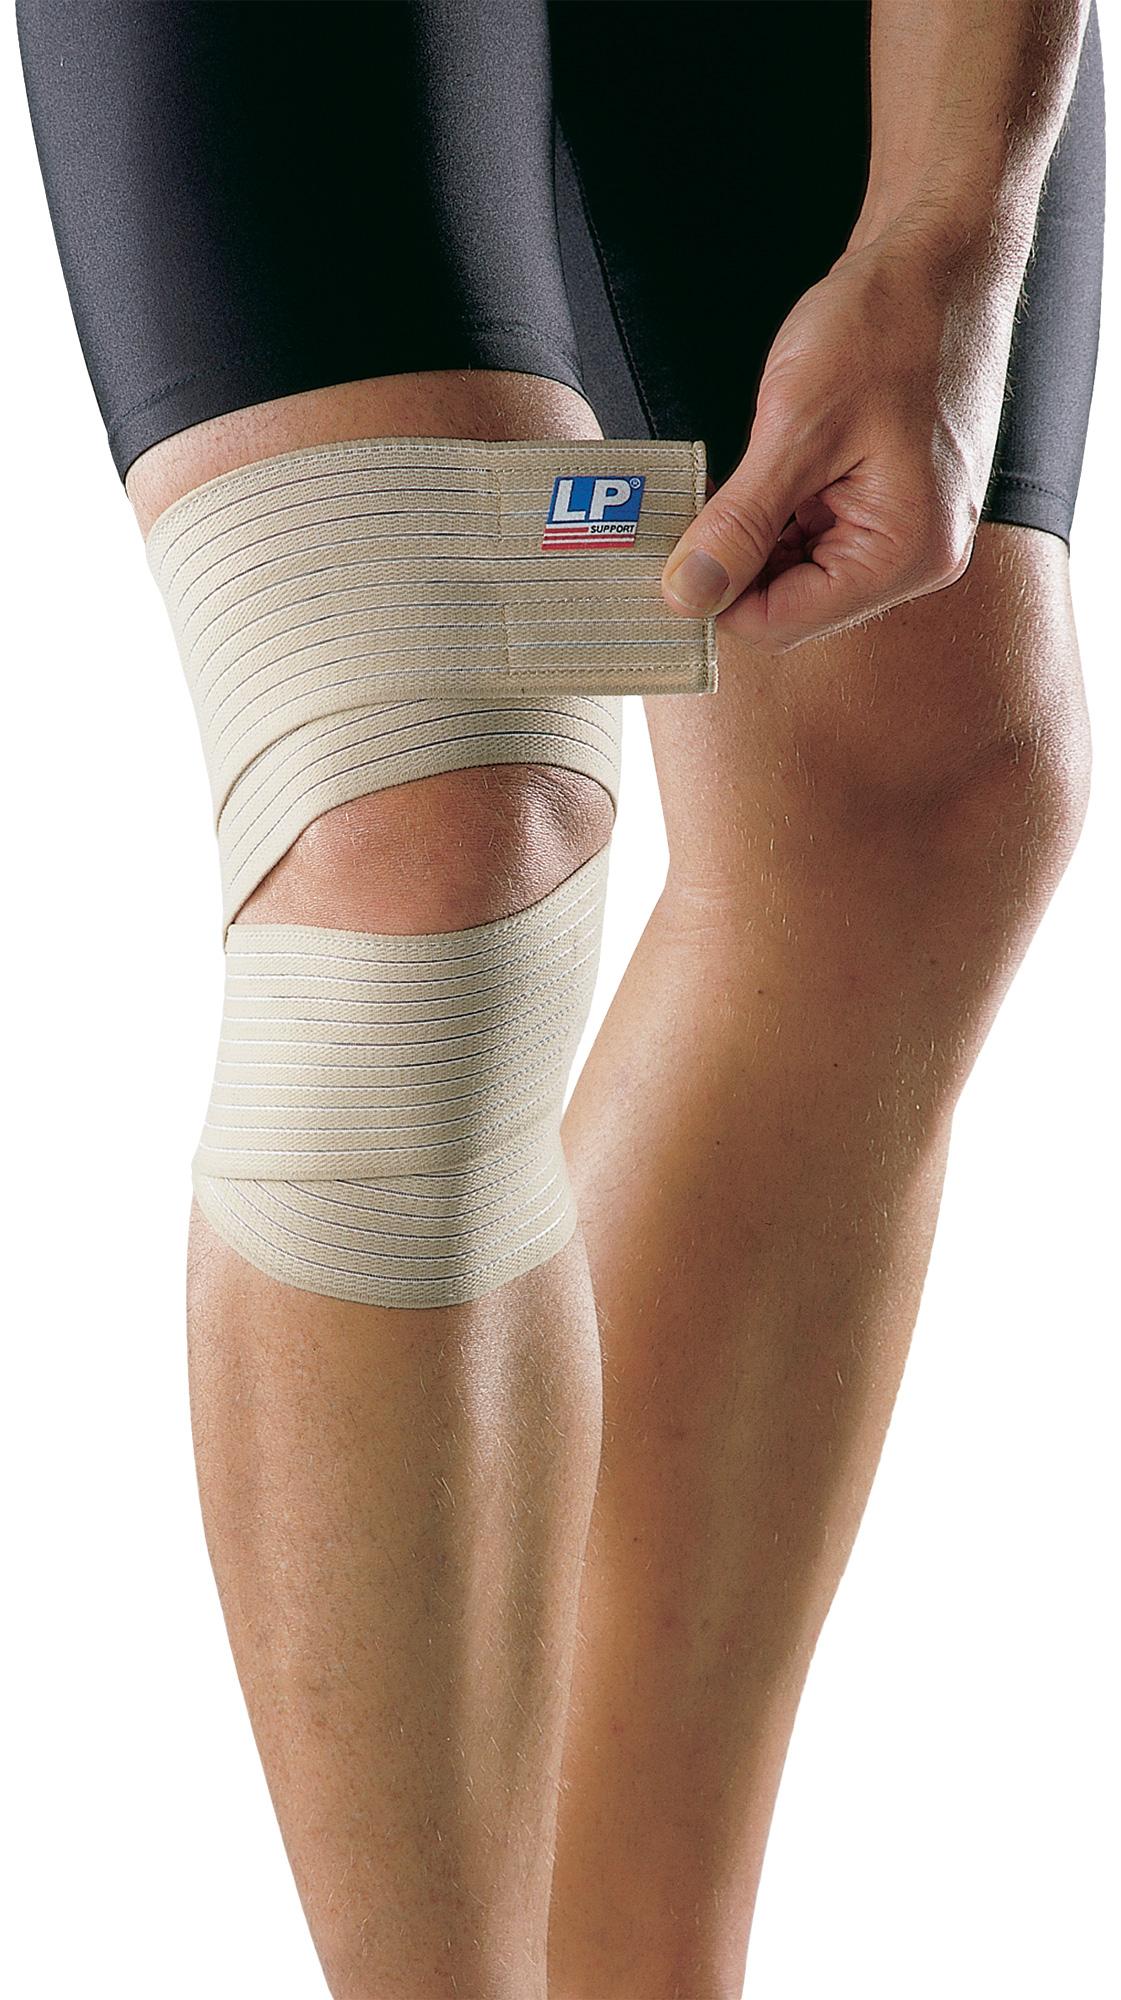 LP Support Бинт для колена 631